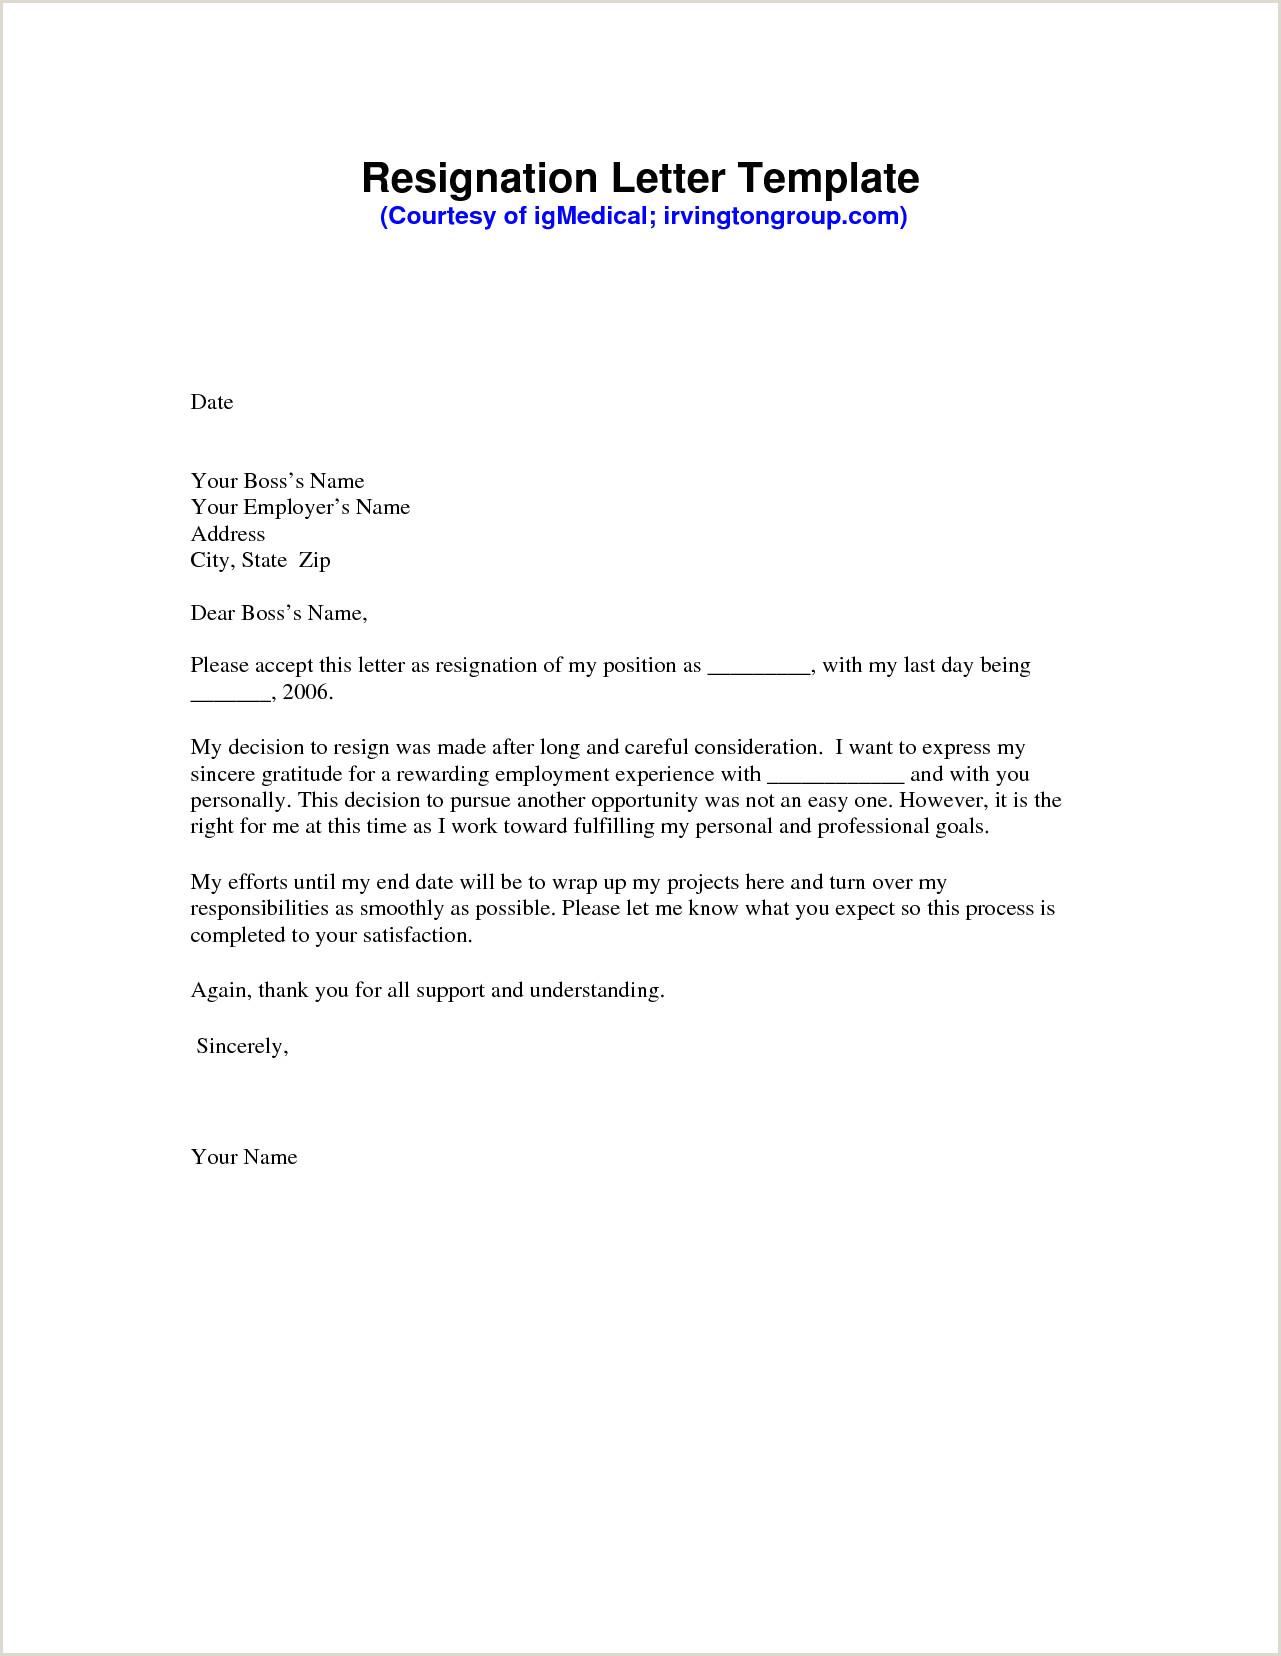 Sample Retirement Letter to Boss Resignation Letter Sample Pdf Mechanical Engineering Resume